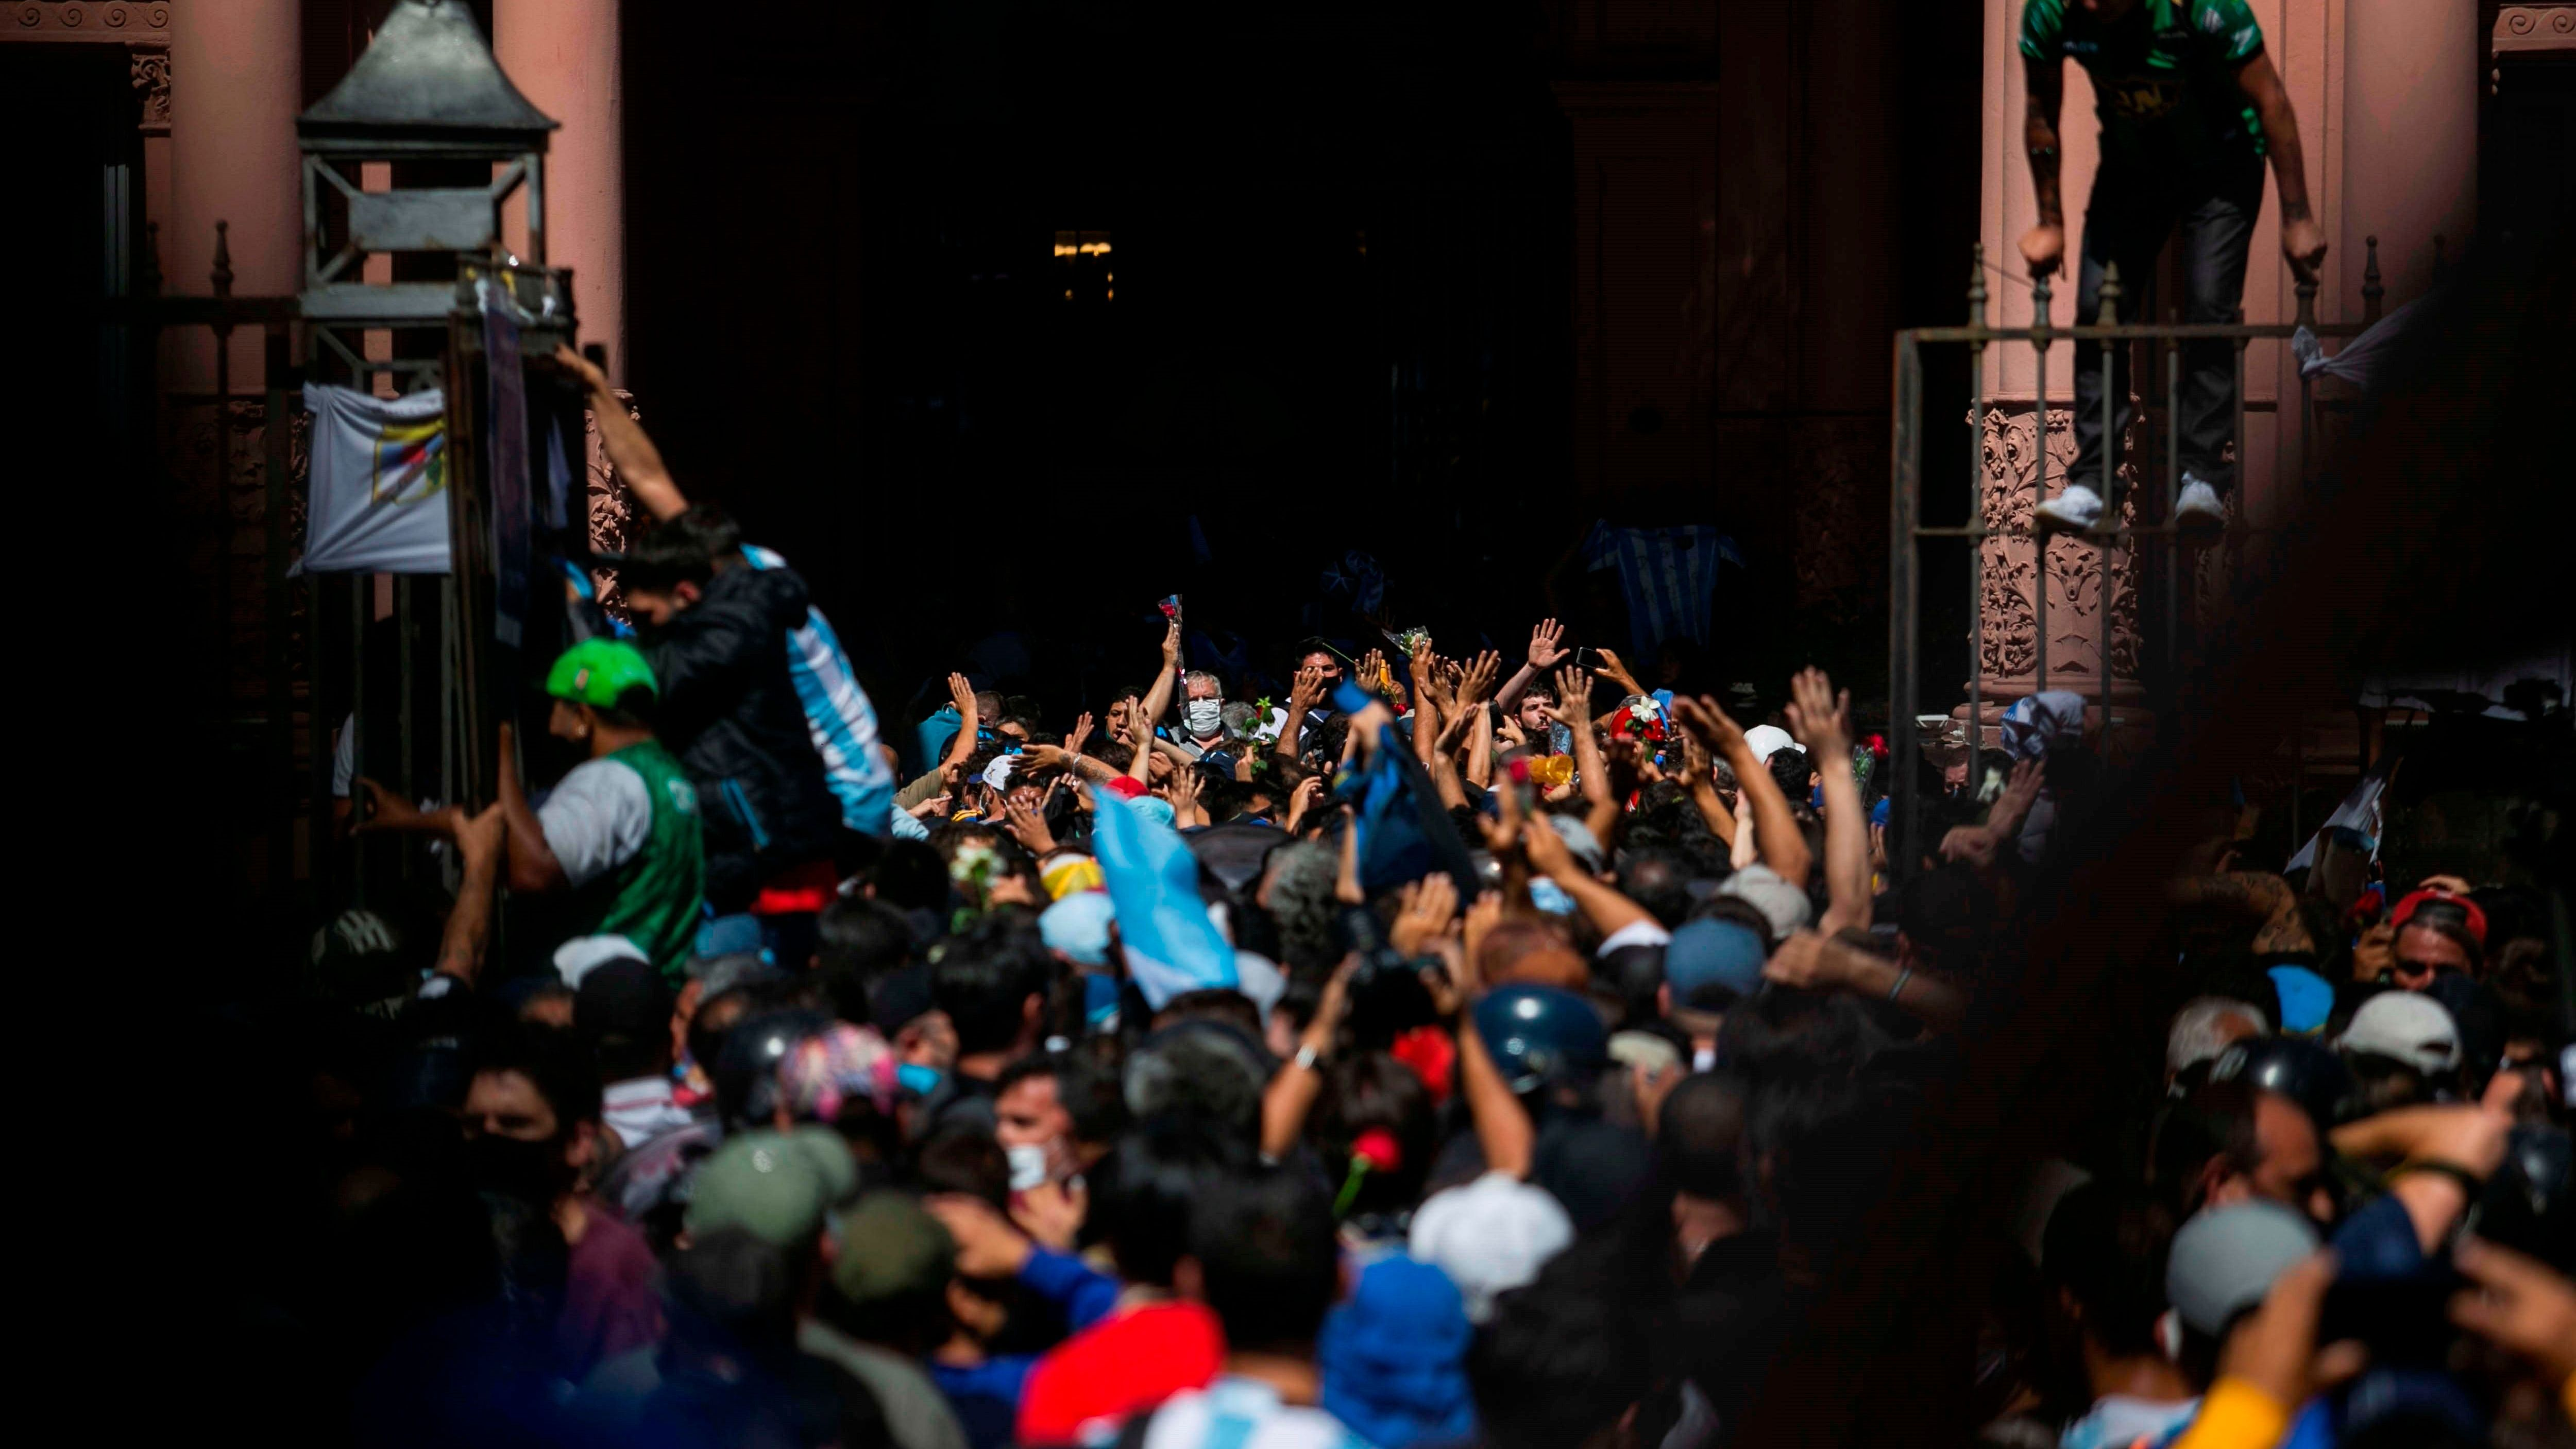 Seguidores de Diego Armando Maradona ingresaron a la capilla funeraria donde se encontraban los restos del genio futbolístico. (EFE/Demian Alday Estévez)